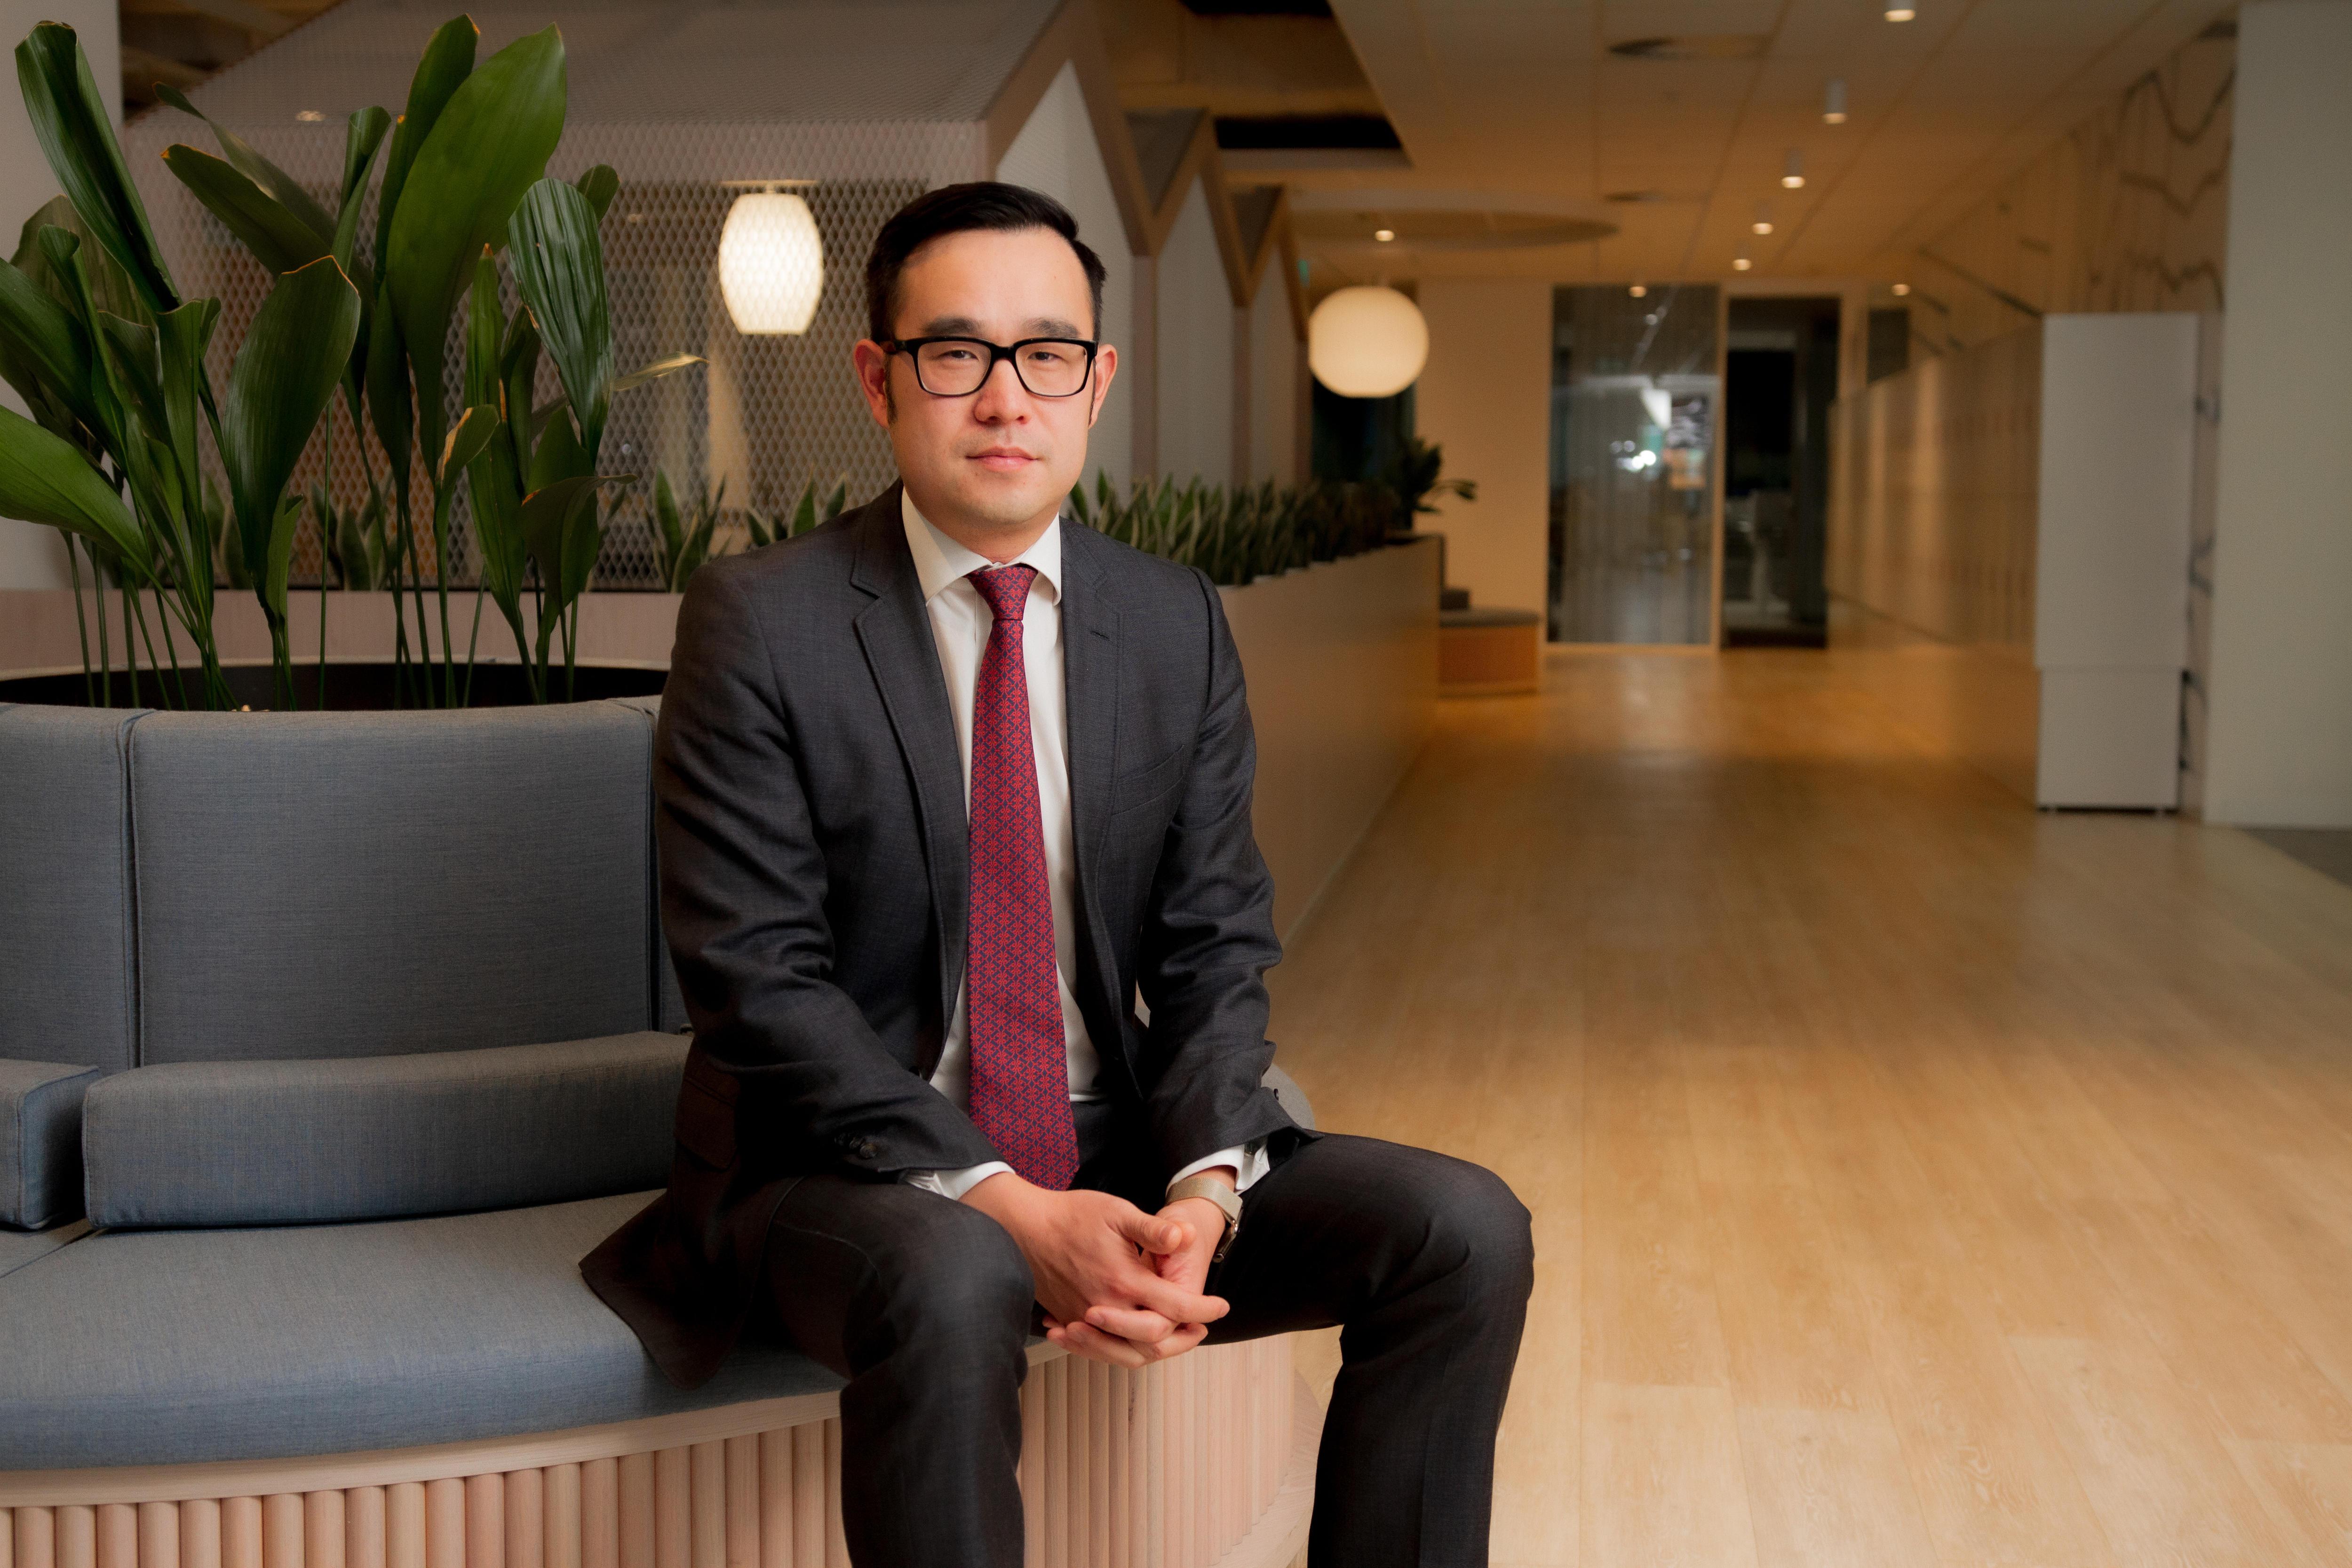 Tim Loh sitting in a foyer in deak grey suit